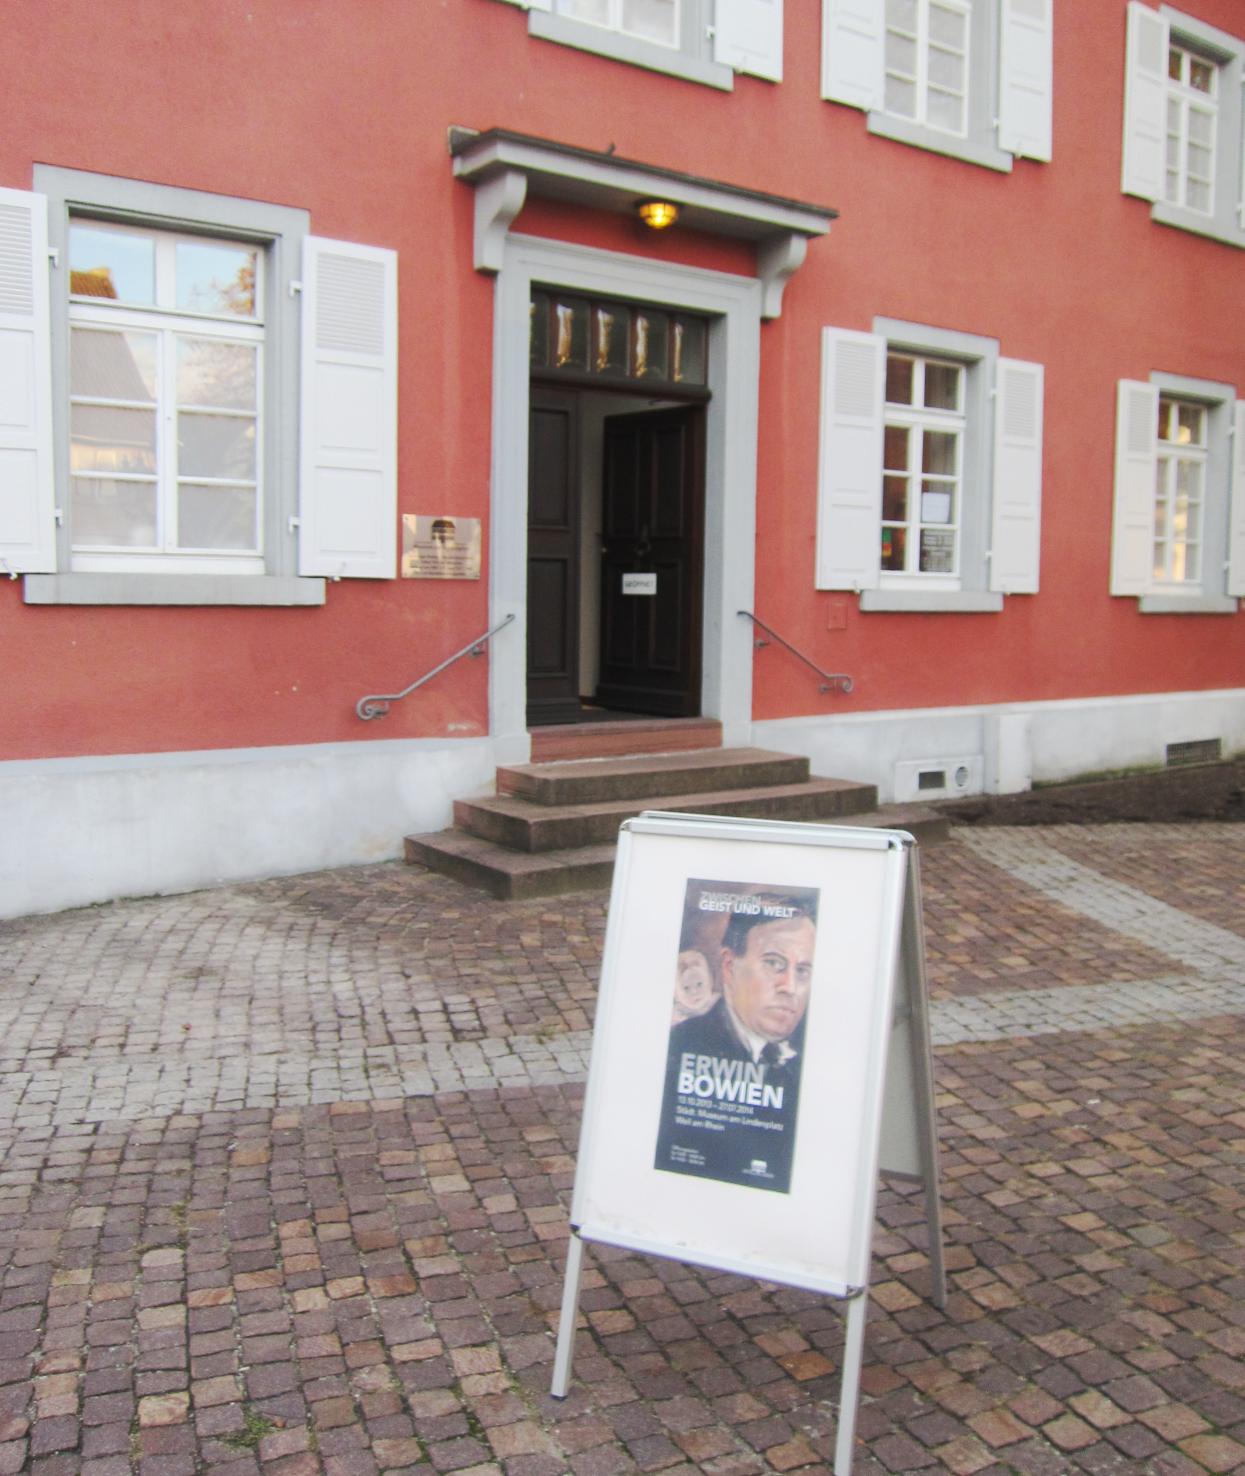 Eingang der Ausstellung im Museum am Lindenplatz in Weil am Rhein